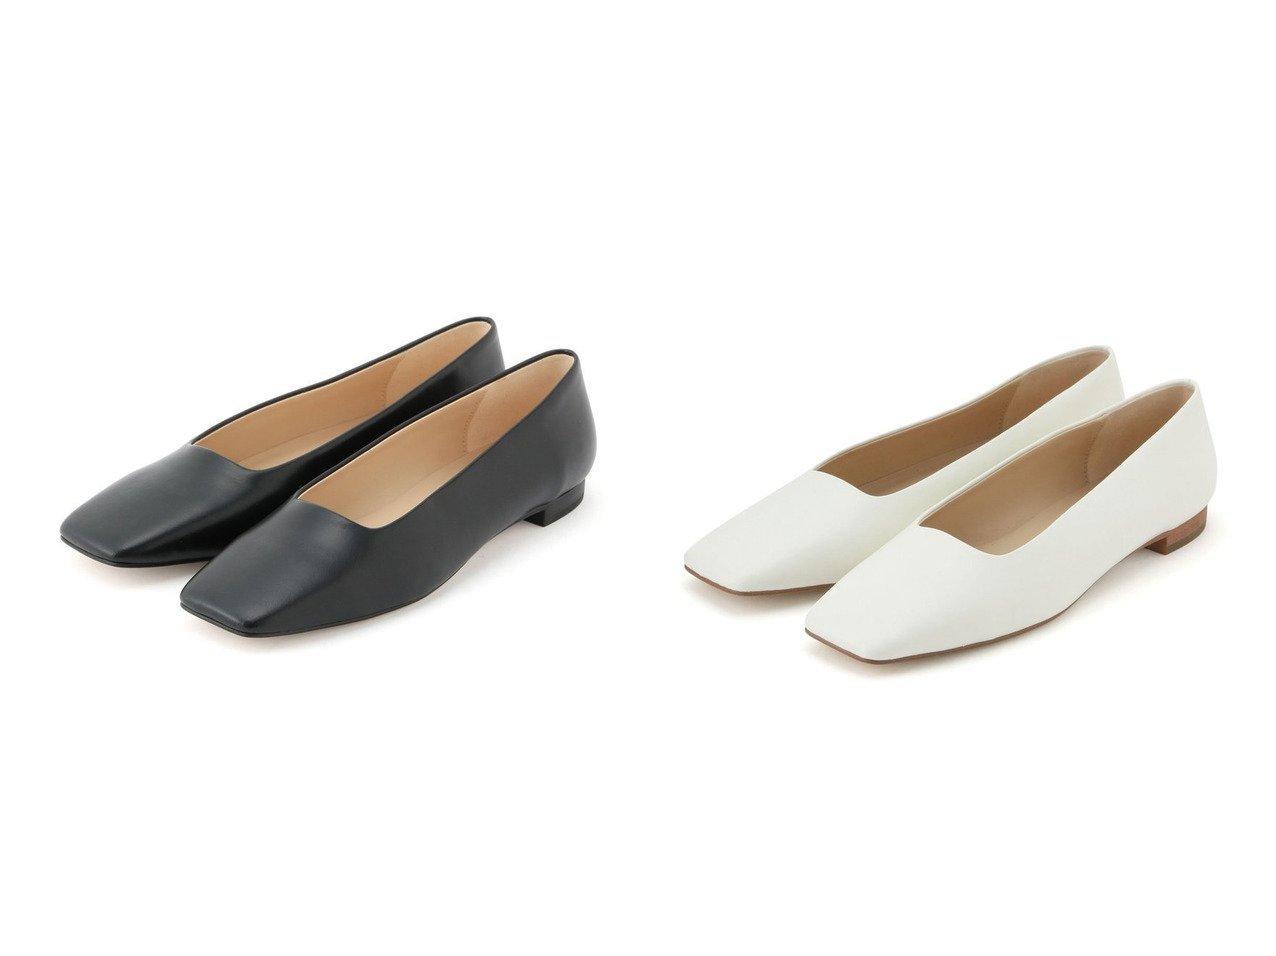 【ADAM ET ROPE'/アダム エ ロペ】のスクエアトゥフラット 【シューズ・靴】おすすめ!人気、トレンド・レディースファッションの通販 おすすめで人気の流行・トレンド、ファッションの通販商品 メンズファッション・キッズファッション・インテリア・家具・レディースファッション・服の通販 founy(ファニー) https://founy.com/ ファッション Fashion レディースファッション WOMEN 春 Spring シューズ シンプル ジャケット スラックス パイソン フラット リアル ワイド 2021年 2021 S/S 春夏 SS Spring/Summer 2021 春夏 S/S SS Spring/Summer 2021 おすすめ Recommend  ID:crp329100000025453